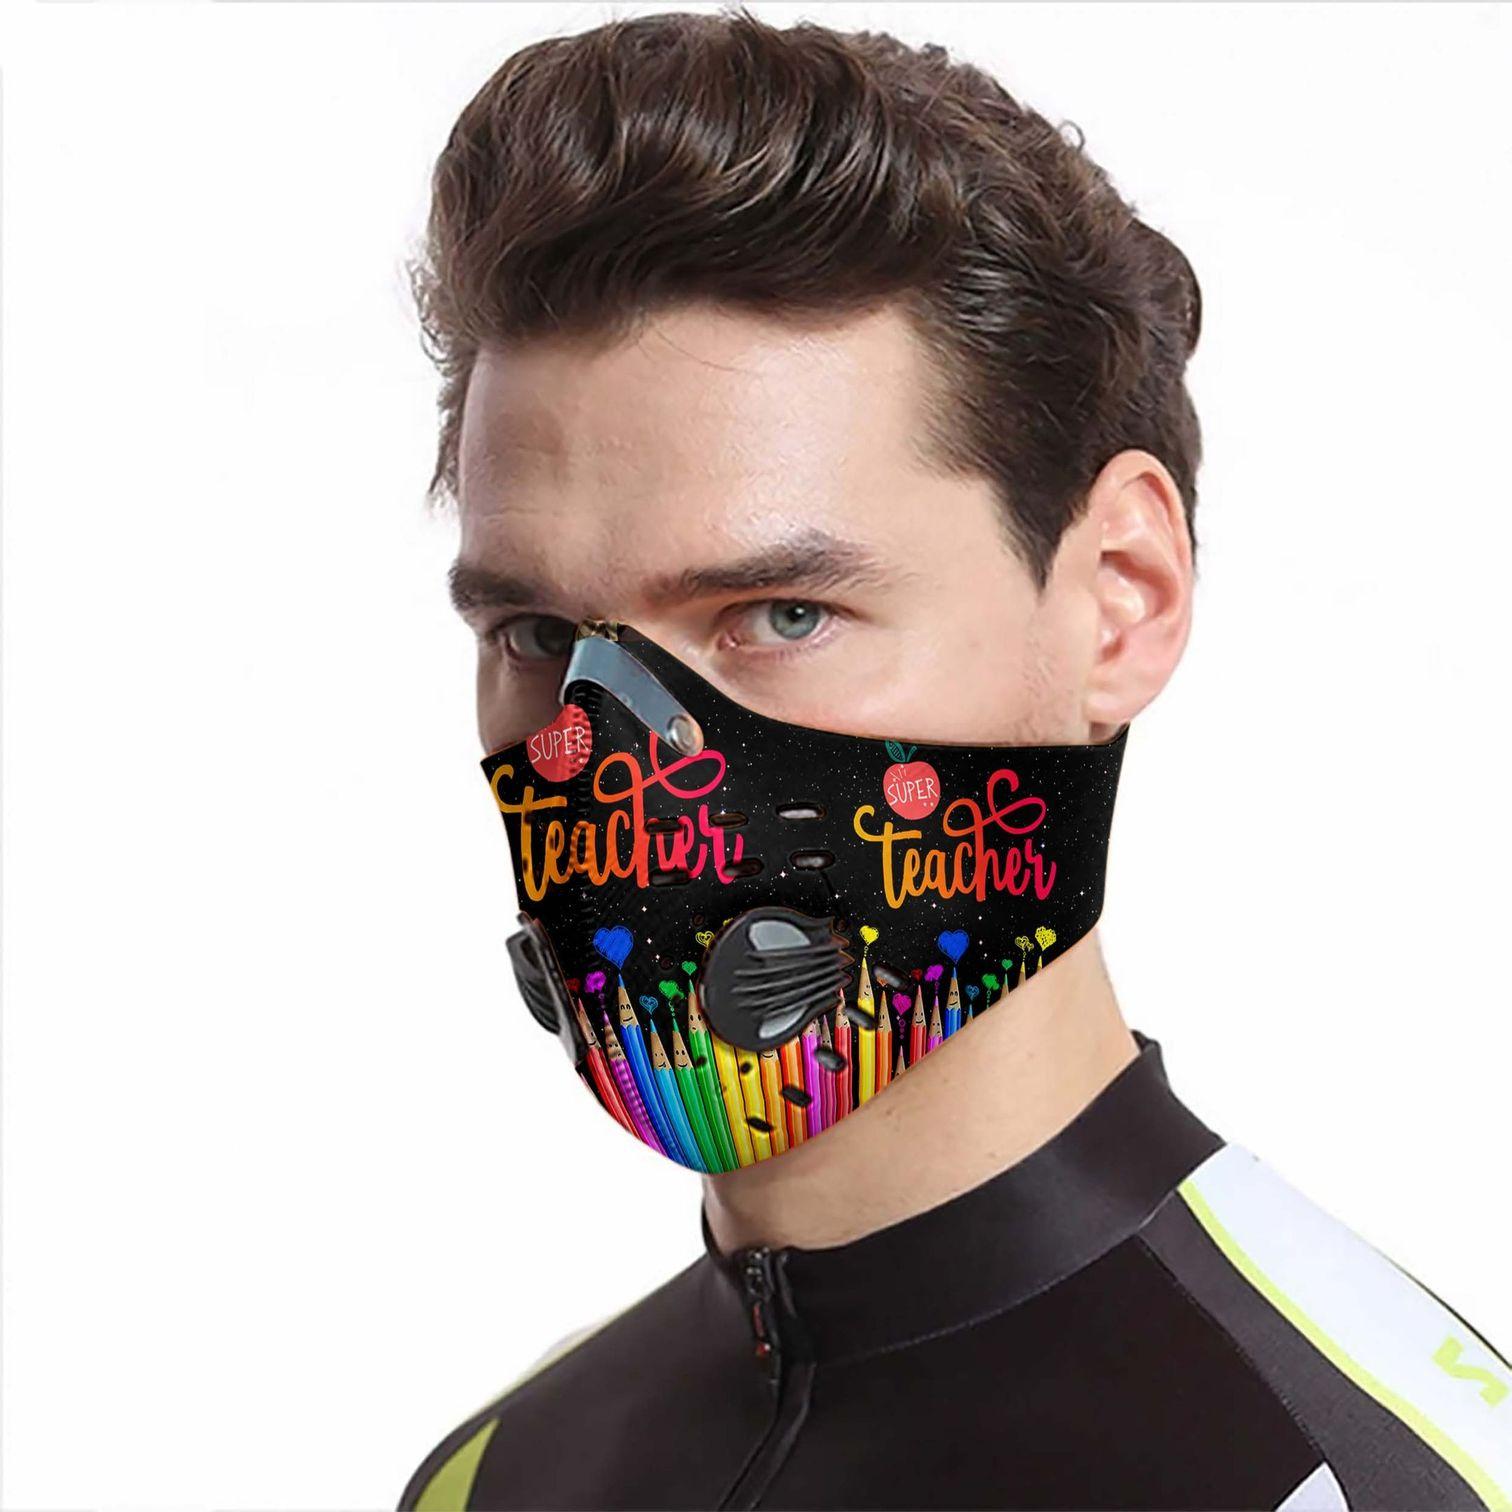 Super teacher carbon pm 2,5 face mask 2